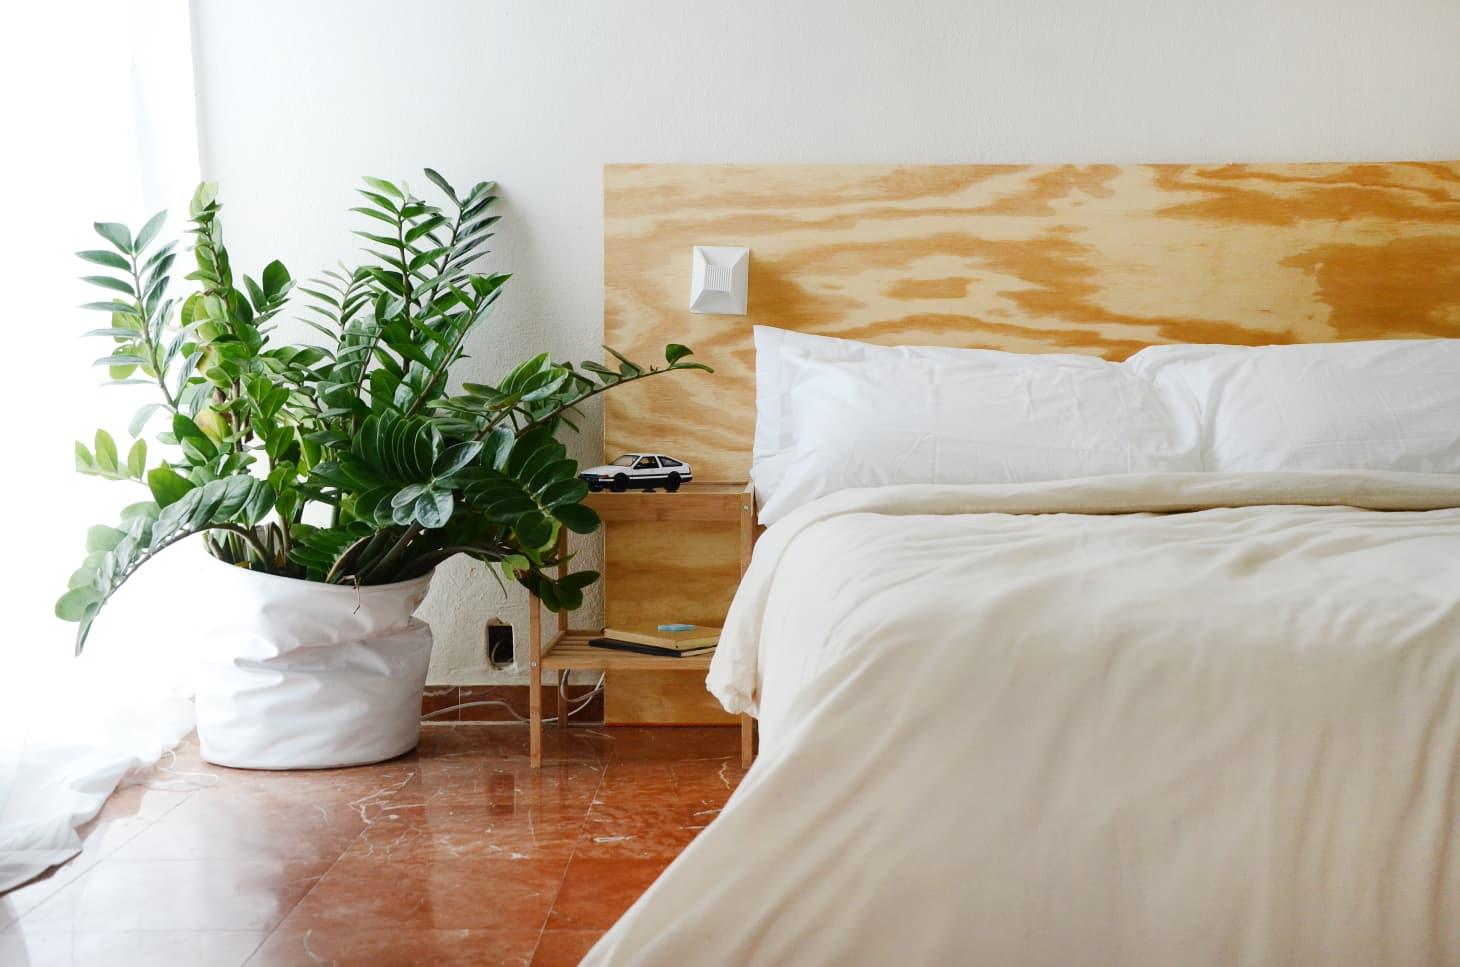 Inspirasi kamar tidur minimalis bernuansa alami - source: apartmenttherapy.com